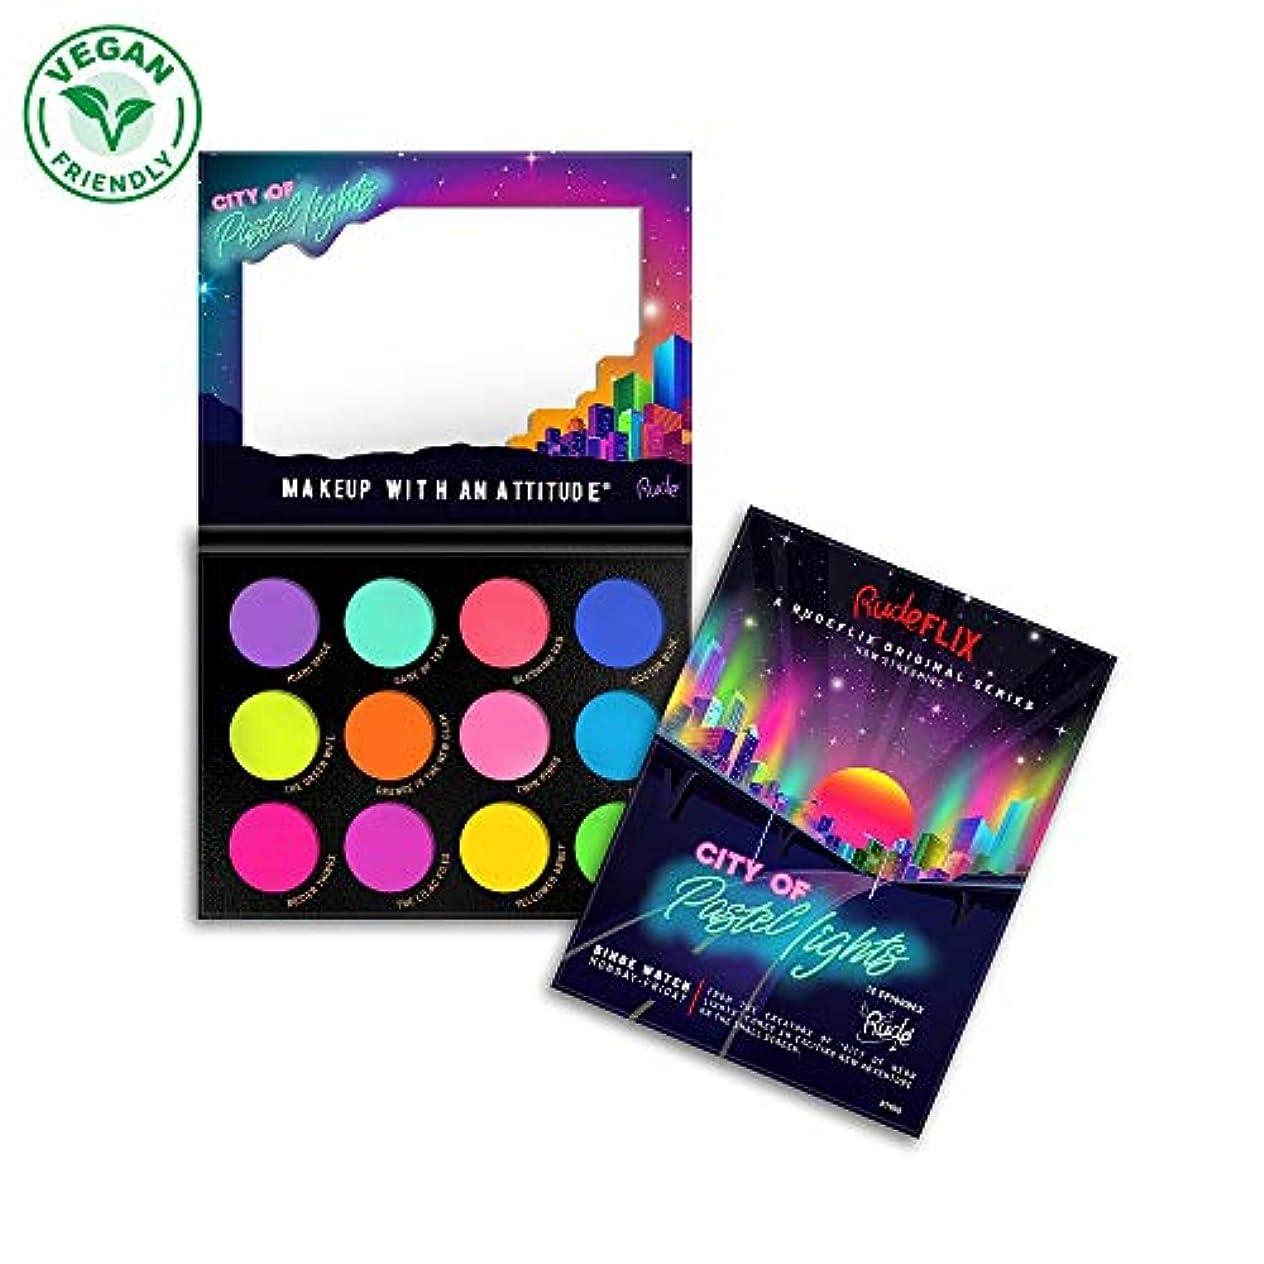 反対したアーティスト別れるRUDE City of Pastel Lights - 12 Pastel Pigment & Eyeshadow Palette (並行輸入品)